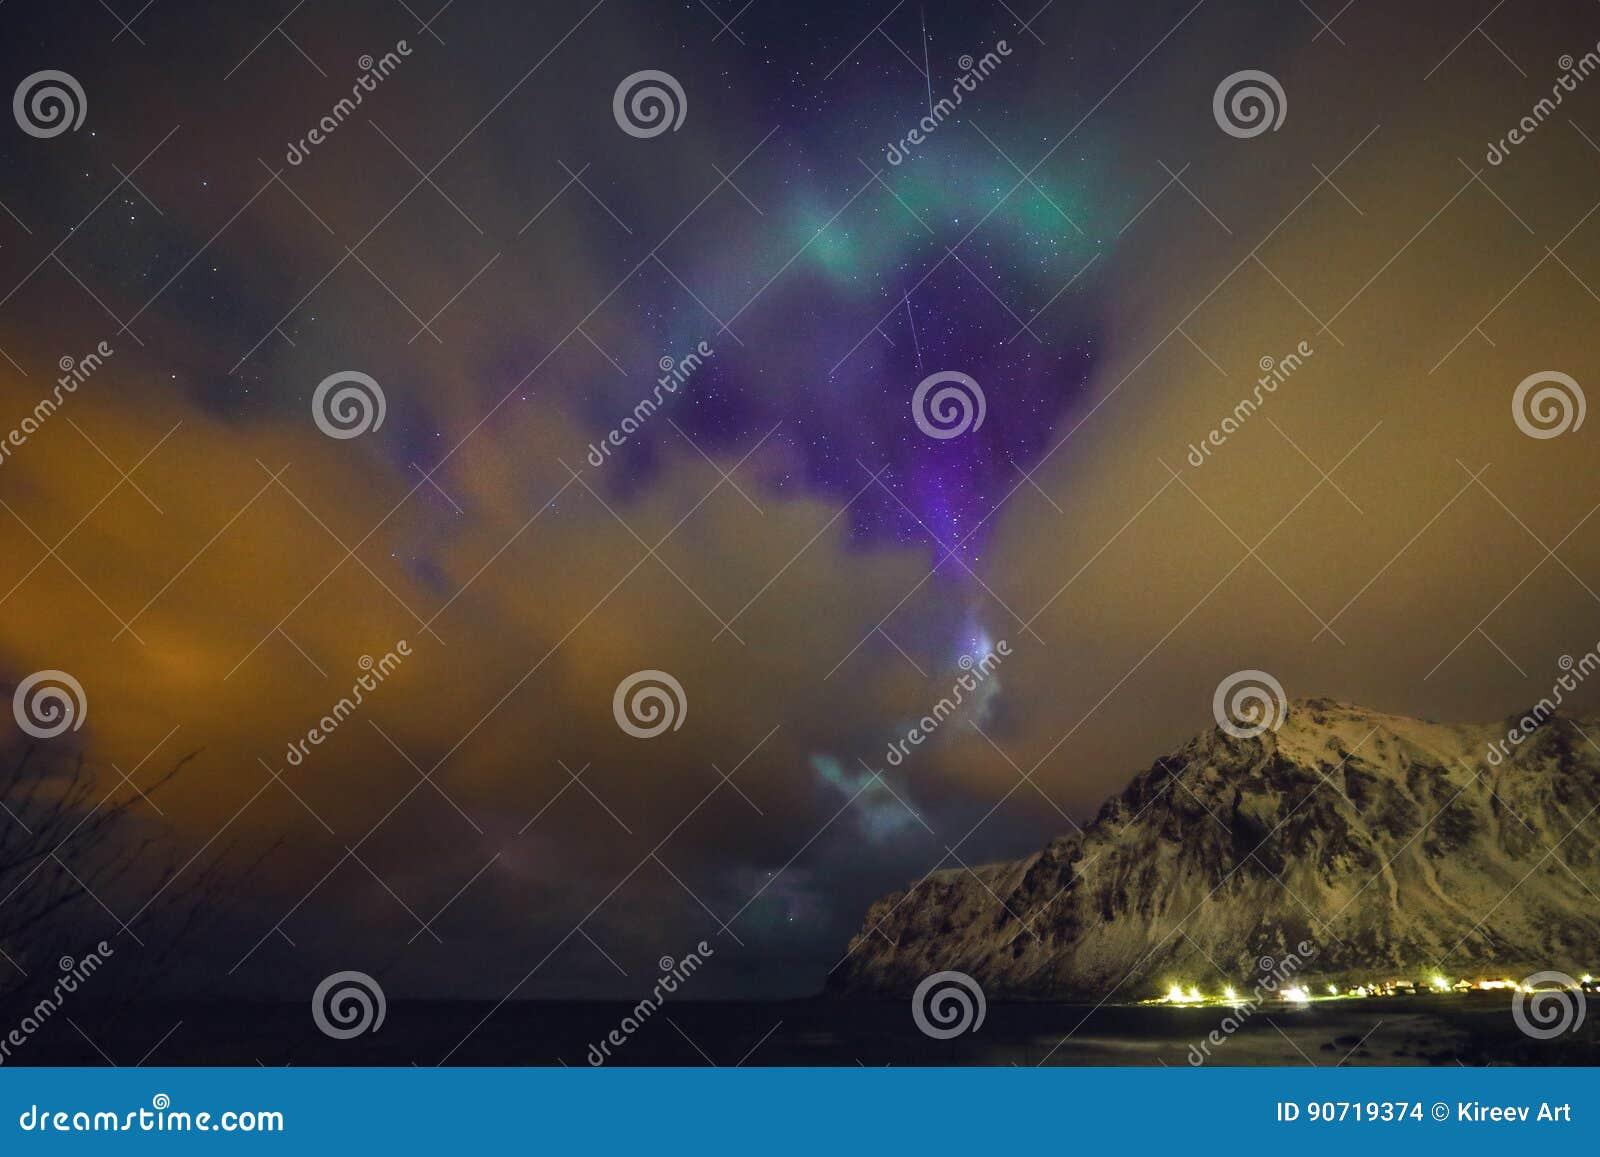 Aurora Borealis multicolore étonnante connaissent également pendant que les lumières du nord dans le ciel nocturne au-dessus de L